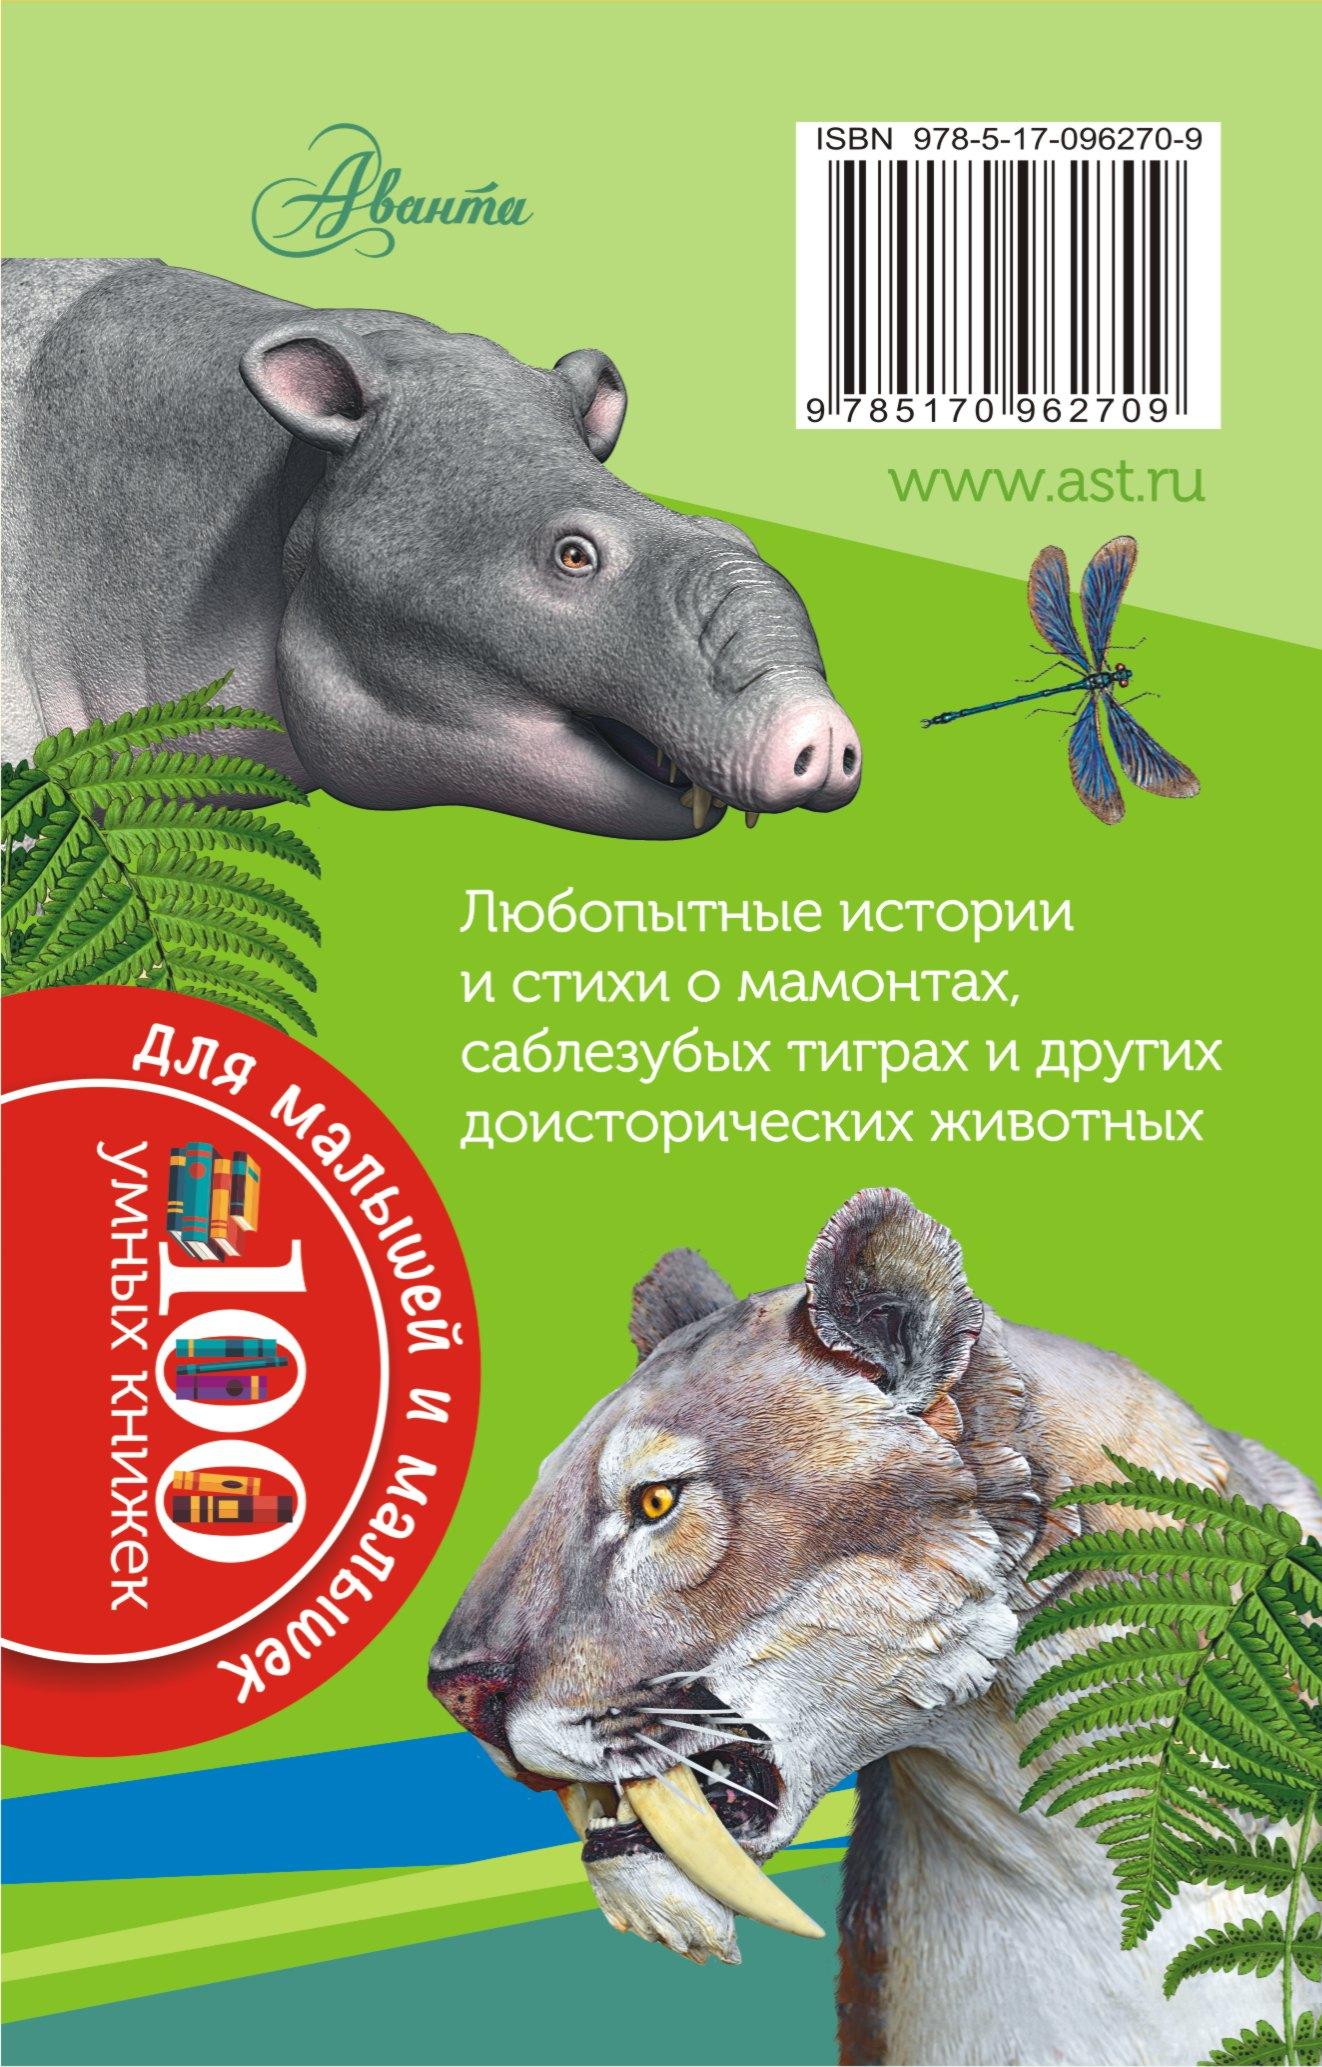 Мамонты и другие доисторические животные